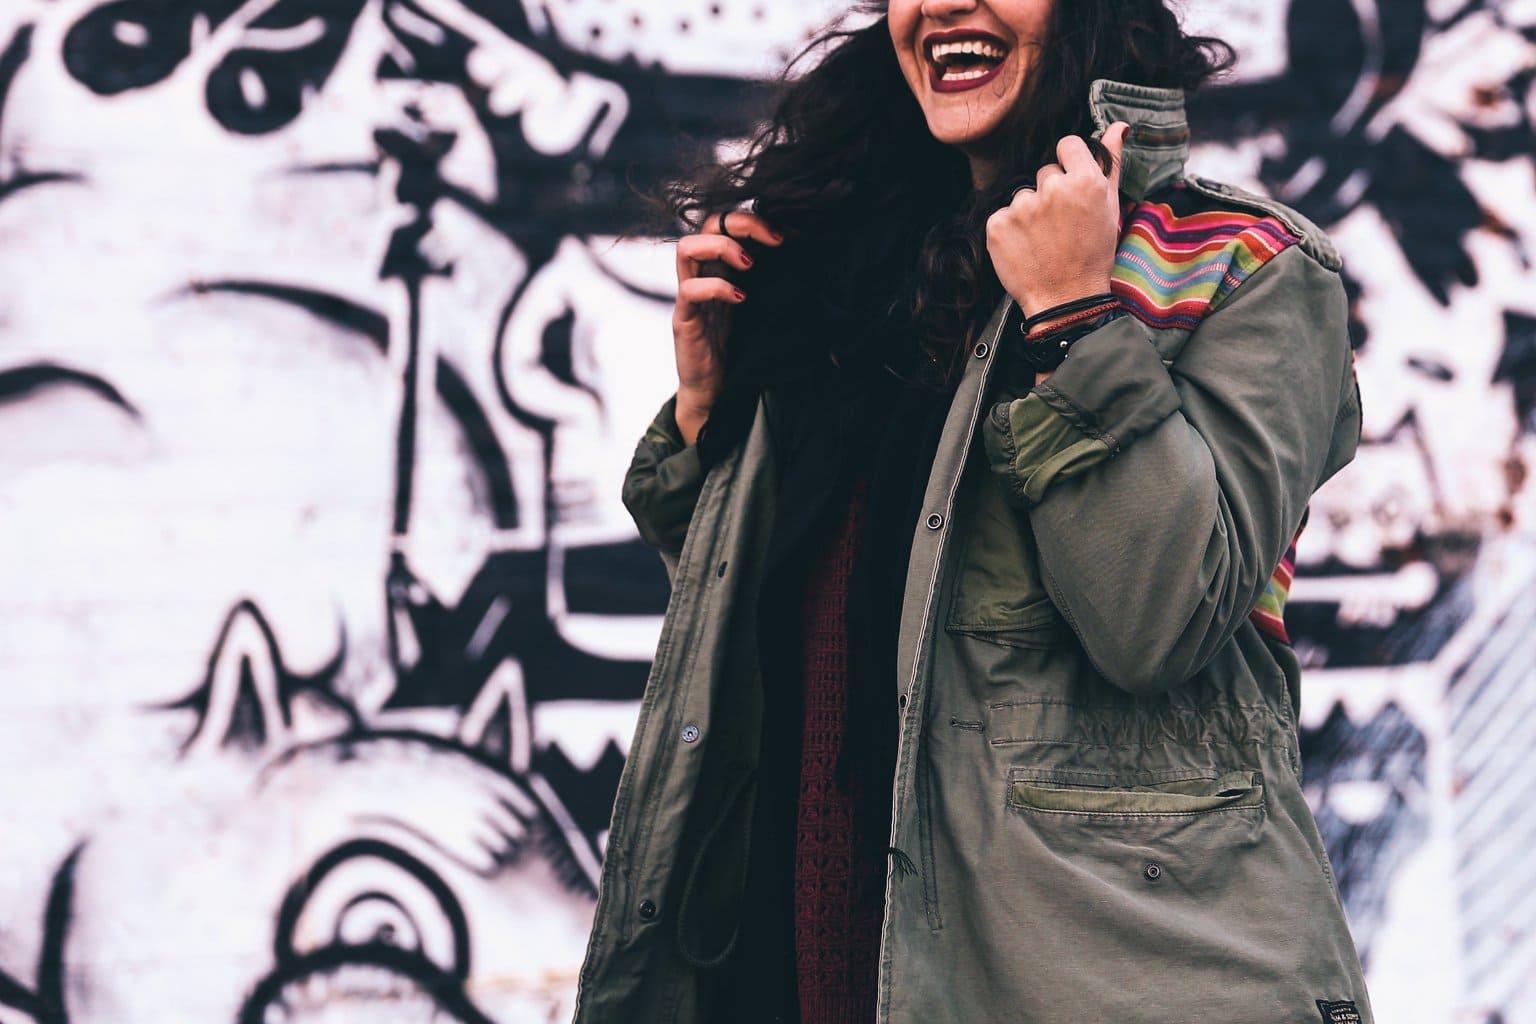 Girl in winter wearing a parka